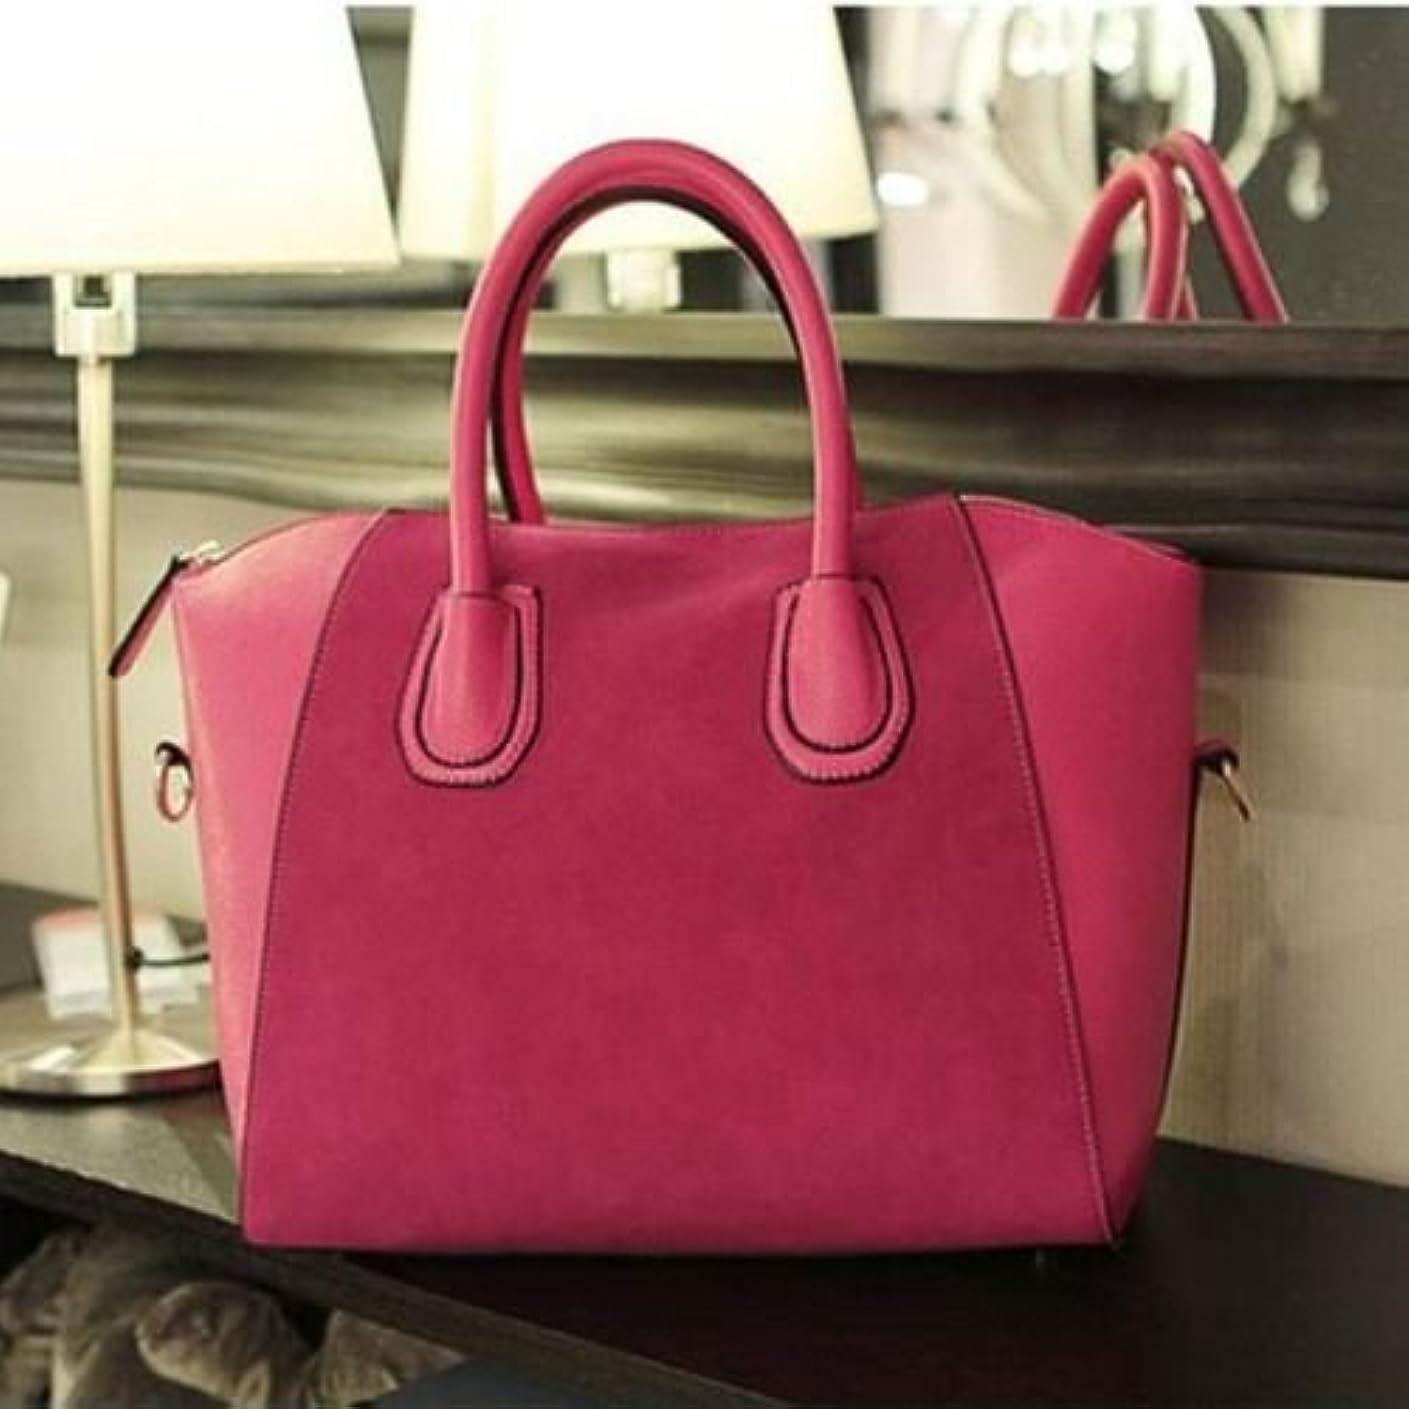 バケット郡磁気トートバック/ショルダーバック/ハンドバック/New Fashion Solid Black Red Blue Color Zipper Pocket Shoulder Bag For Women